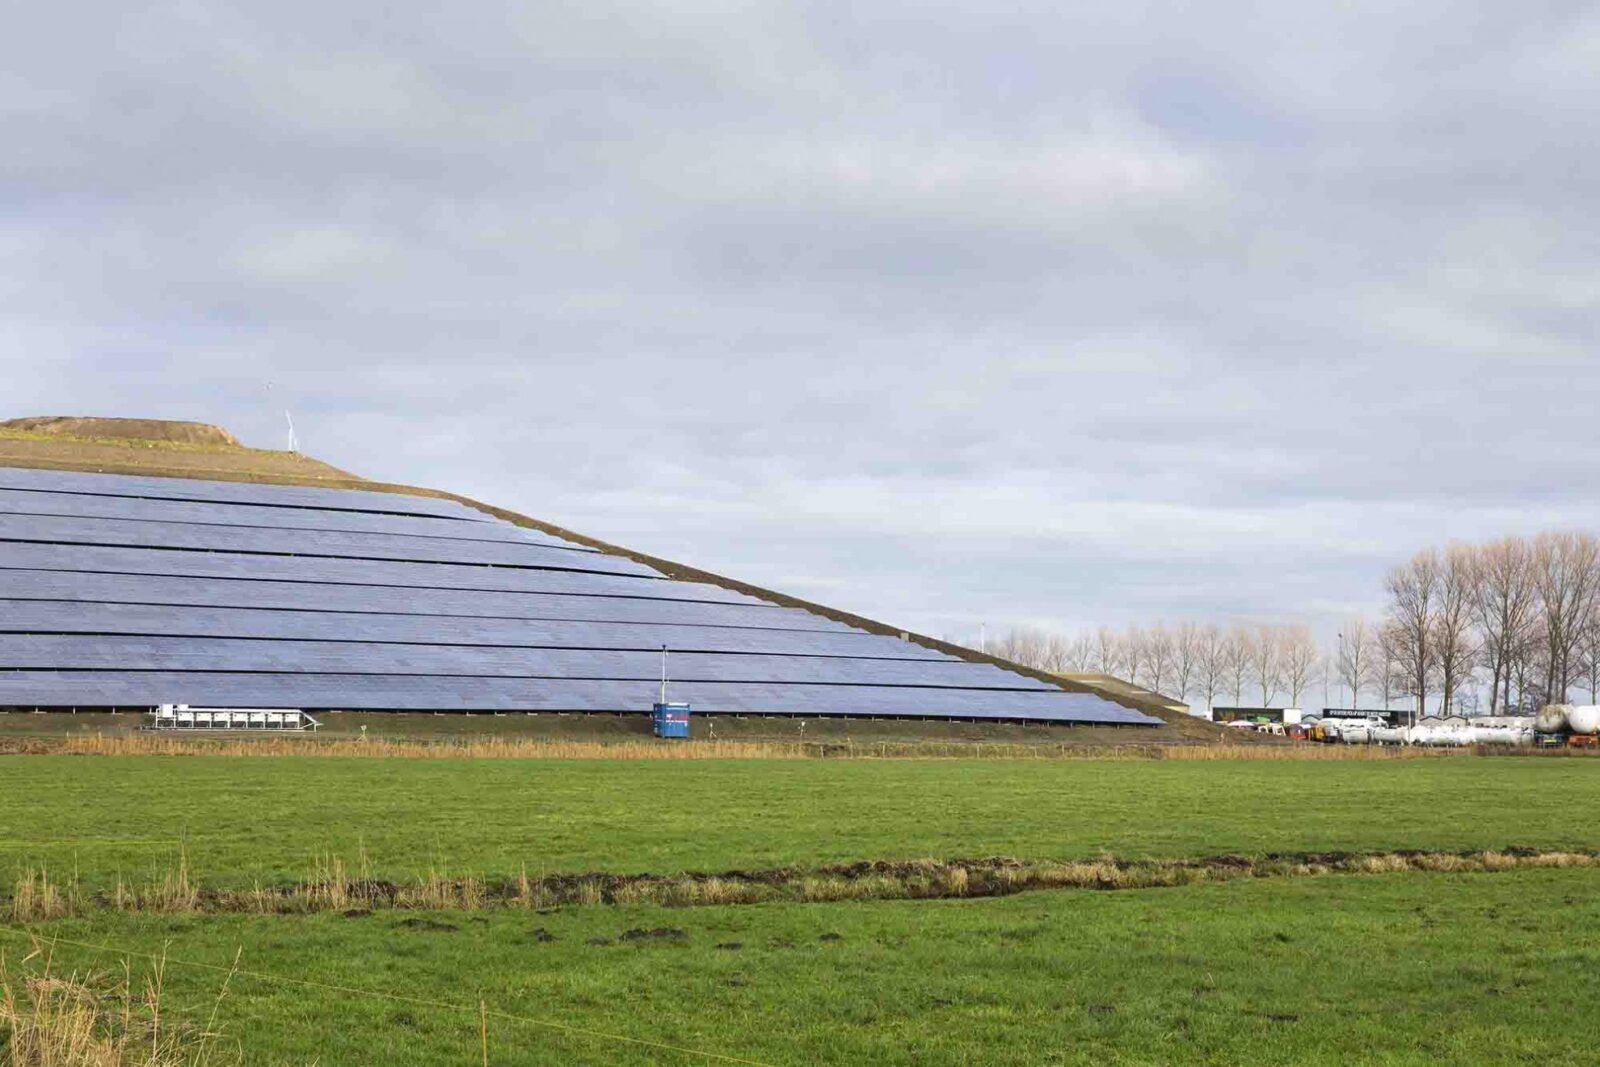 Voorbeeldprojecten Zonneweides - Steunpunt Monumenten & Archeologie Noord-Holland